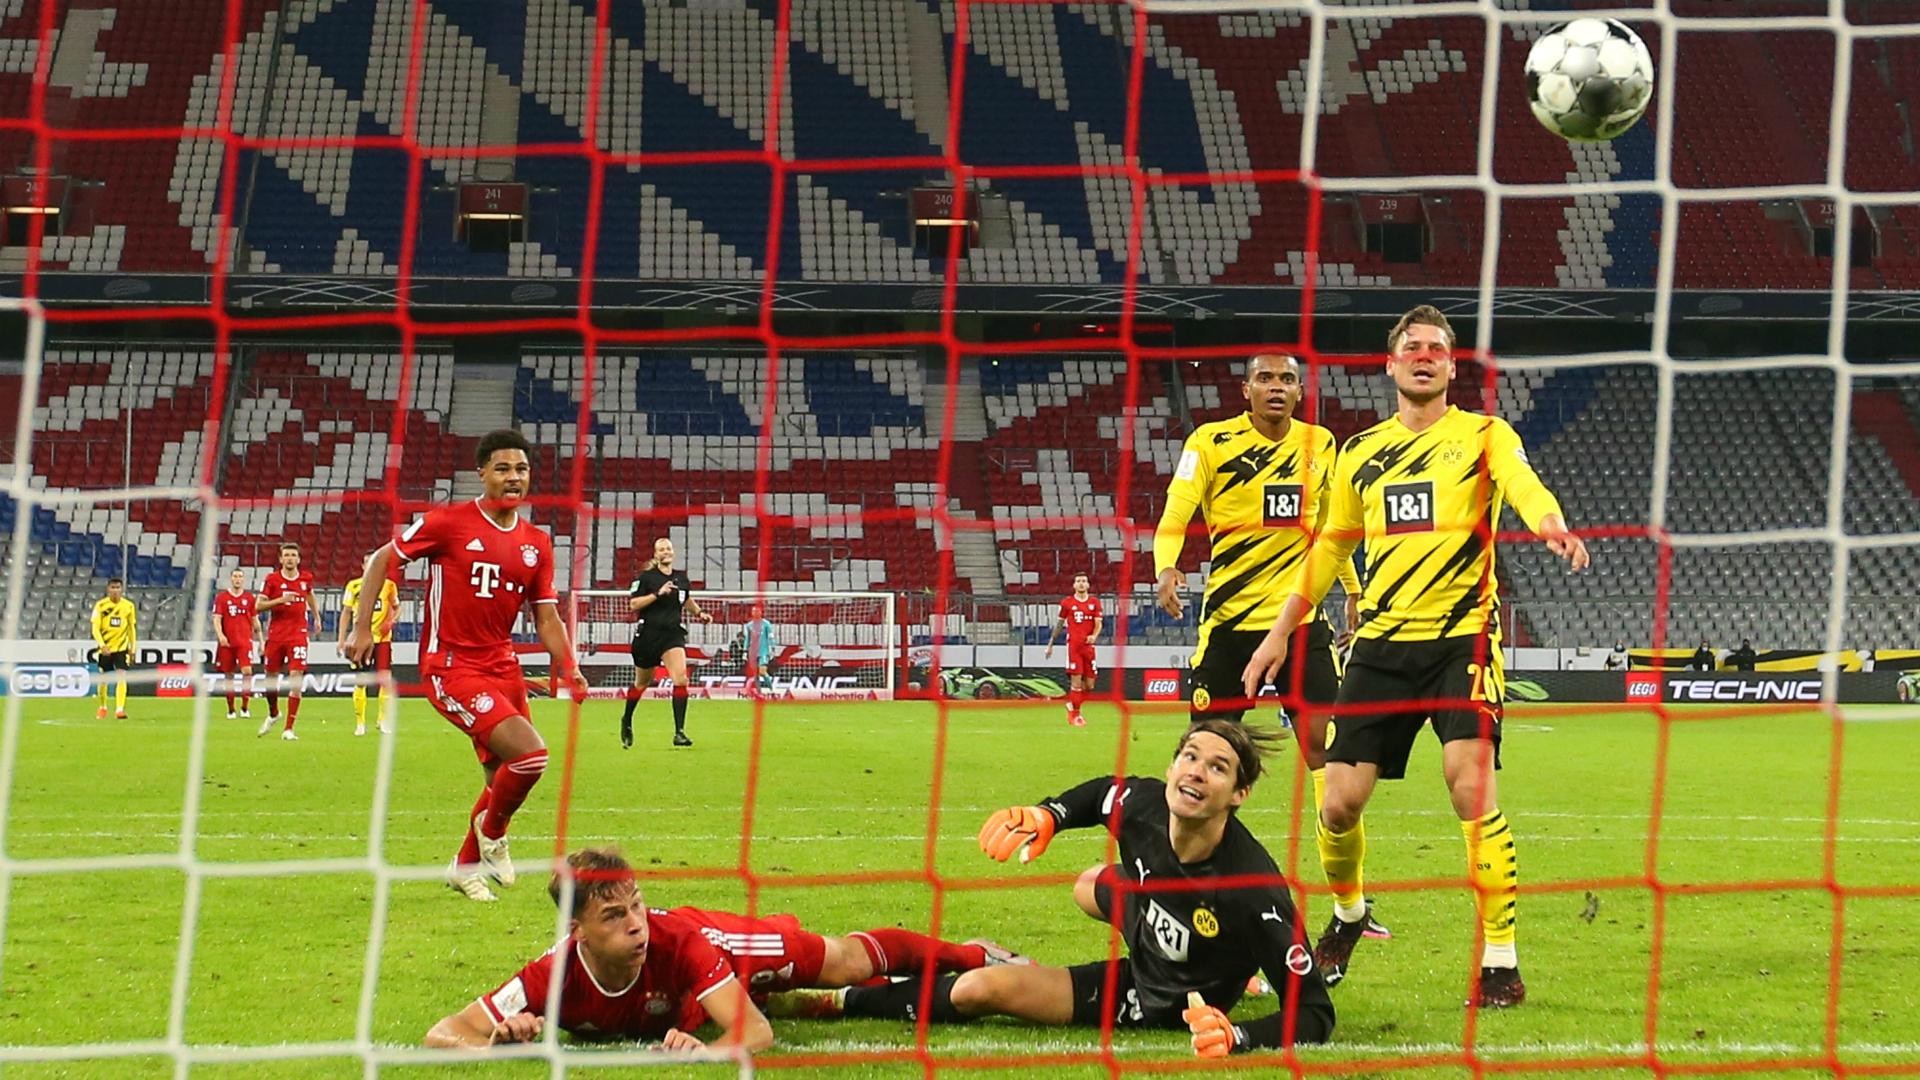 Bayern Munich 3-2 Borussia Dortmund: Kimmich delivers Supercup for Flick's men